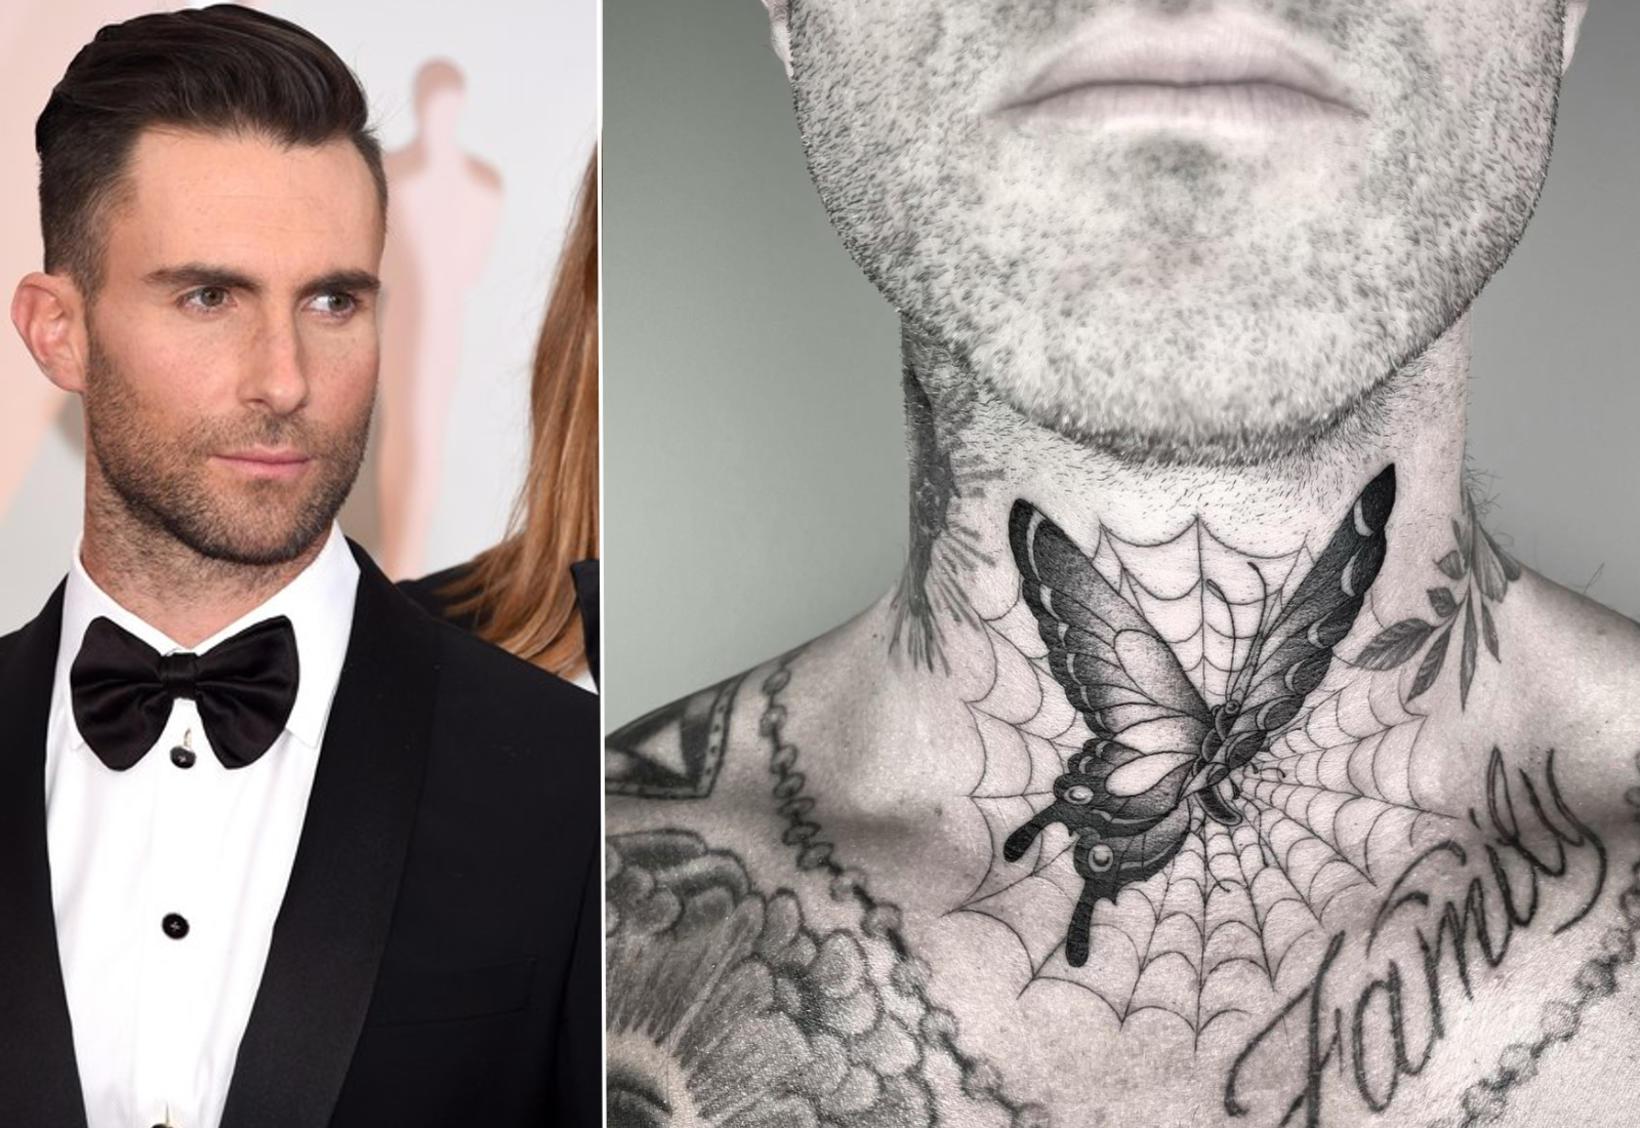 Adam Levine fékk sér nýtt húðflúr á meðan instagram lá …